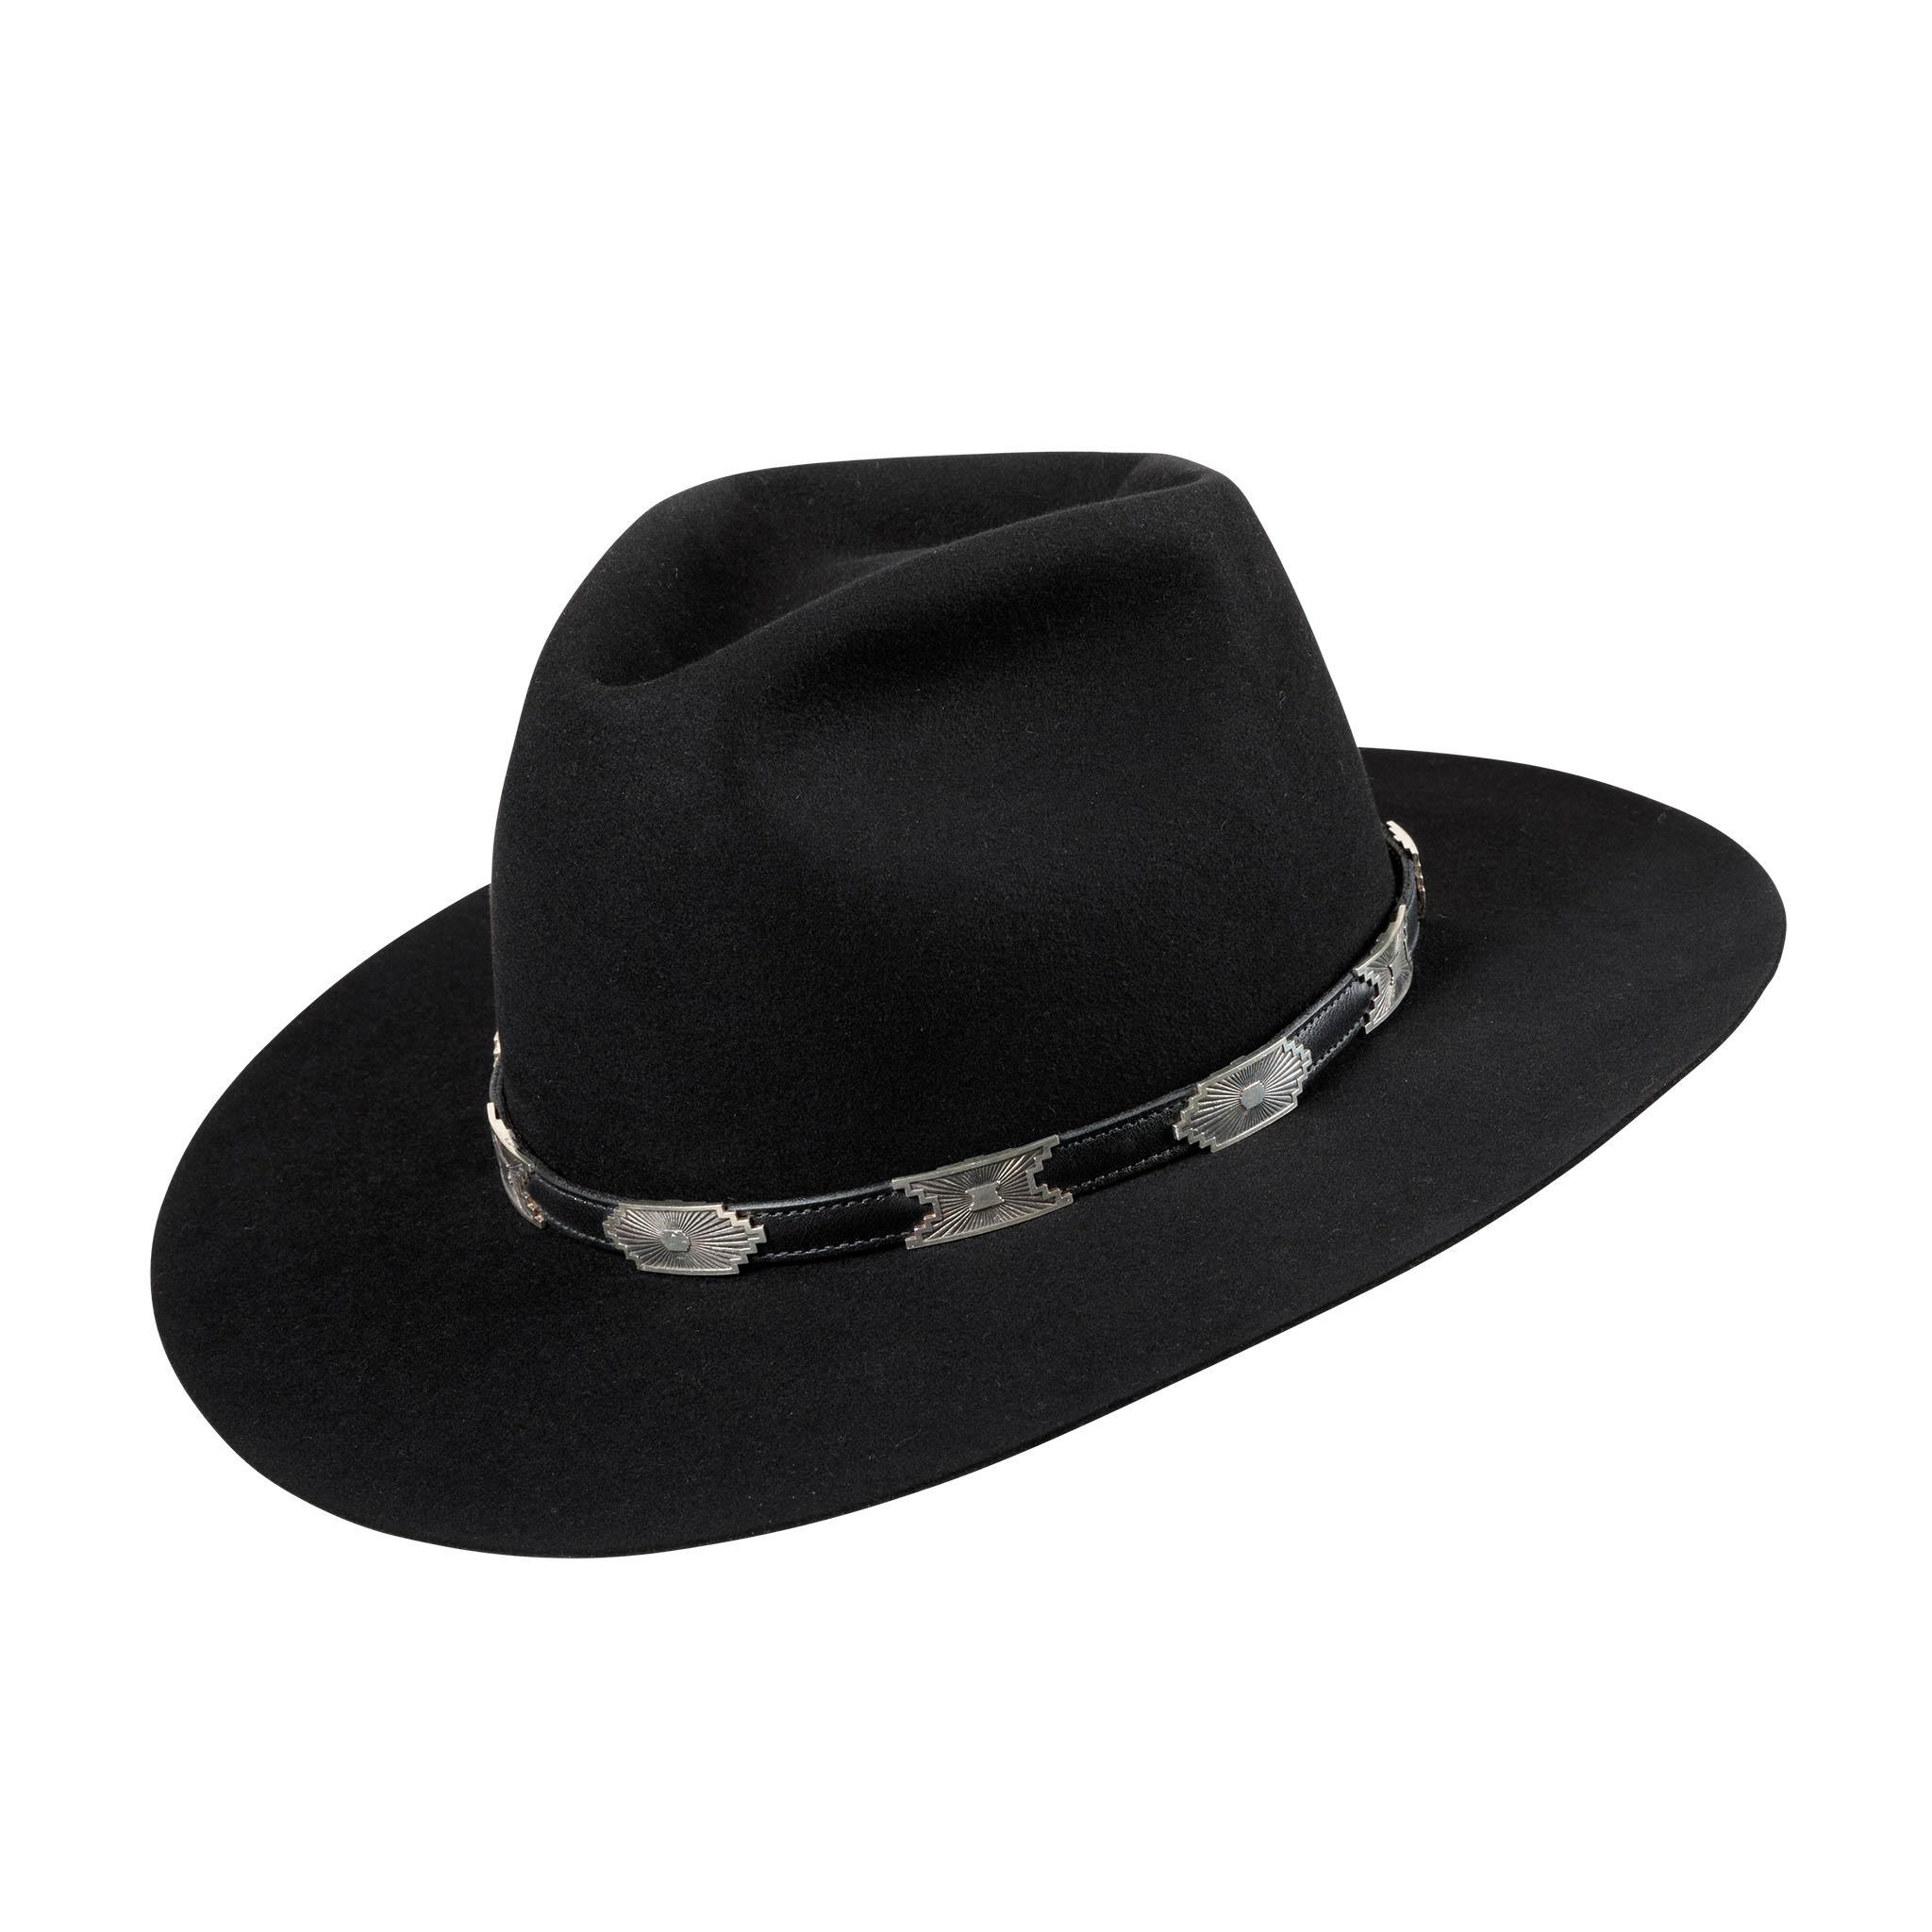 Three Point Dress Fur Felt Hat